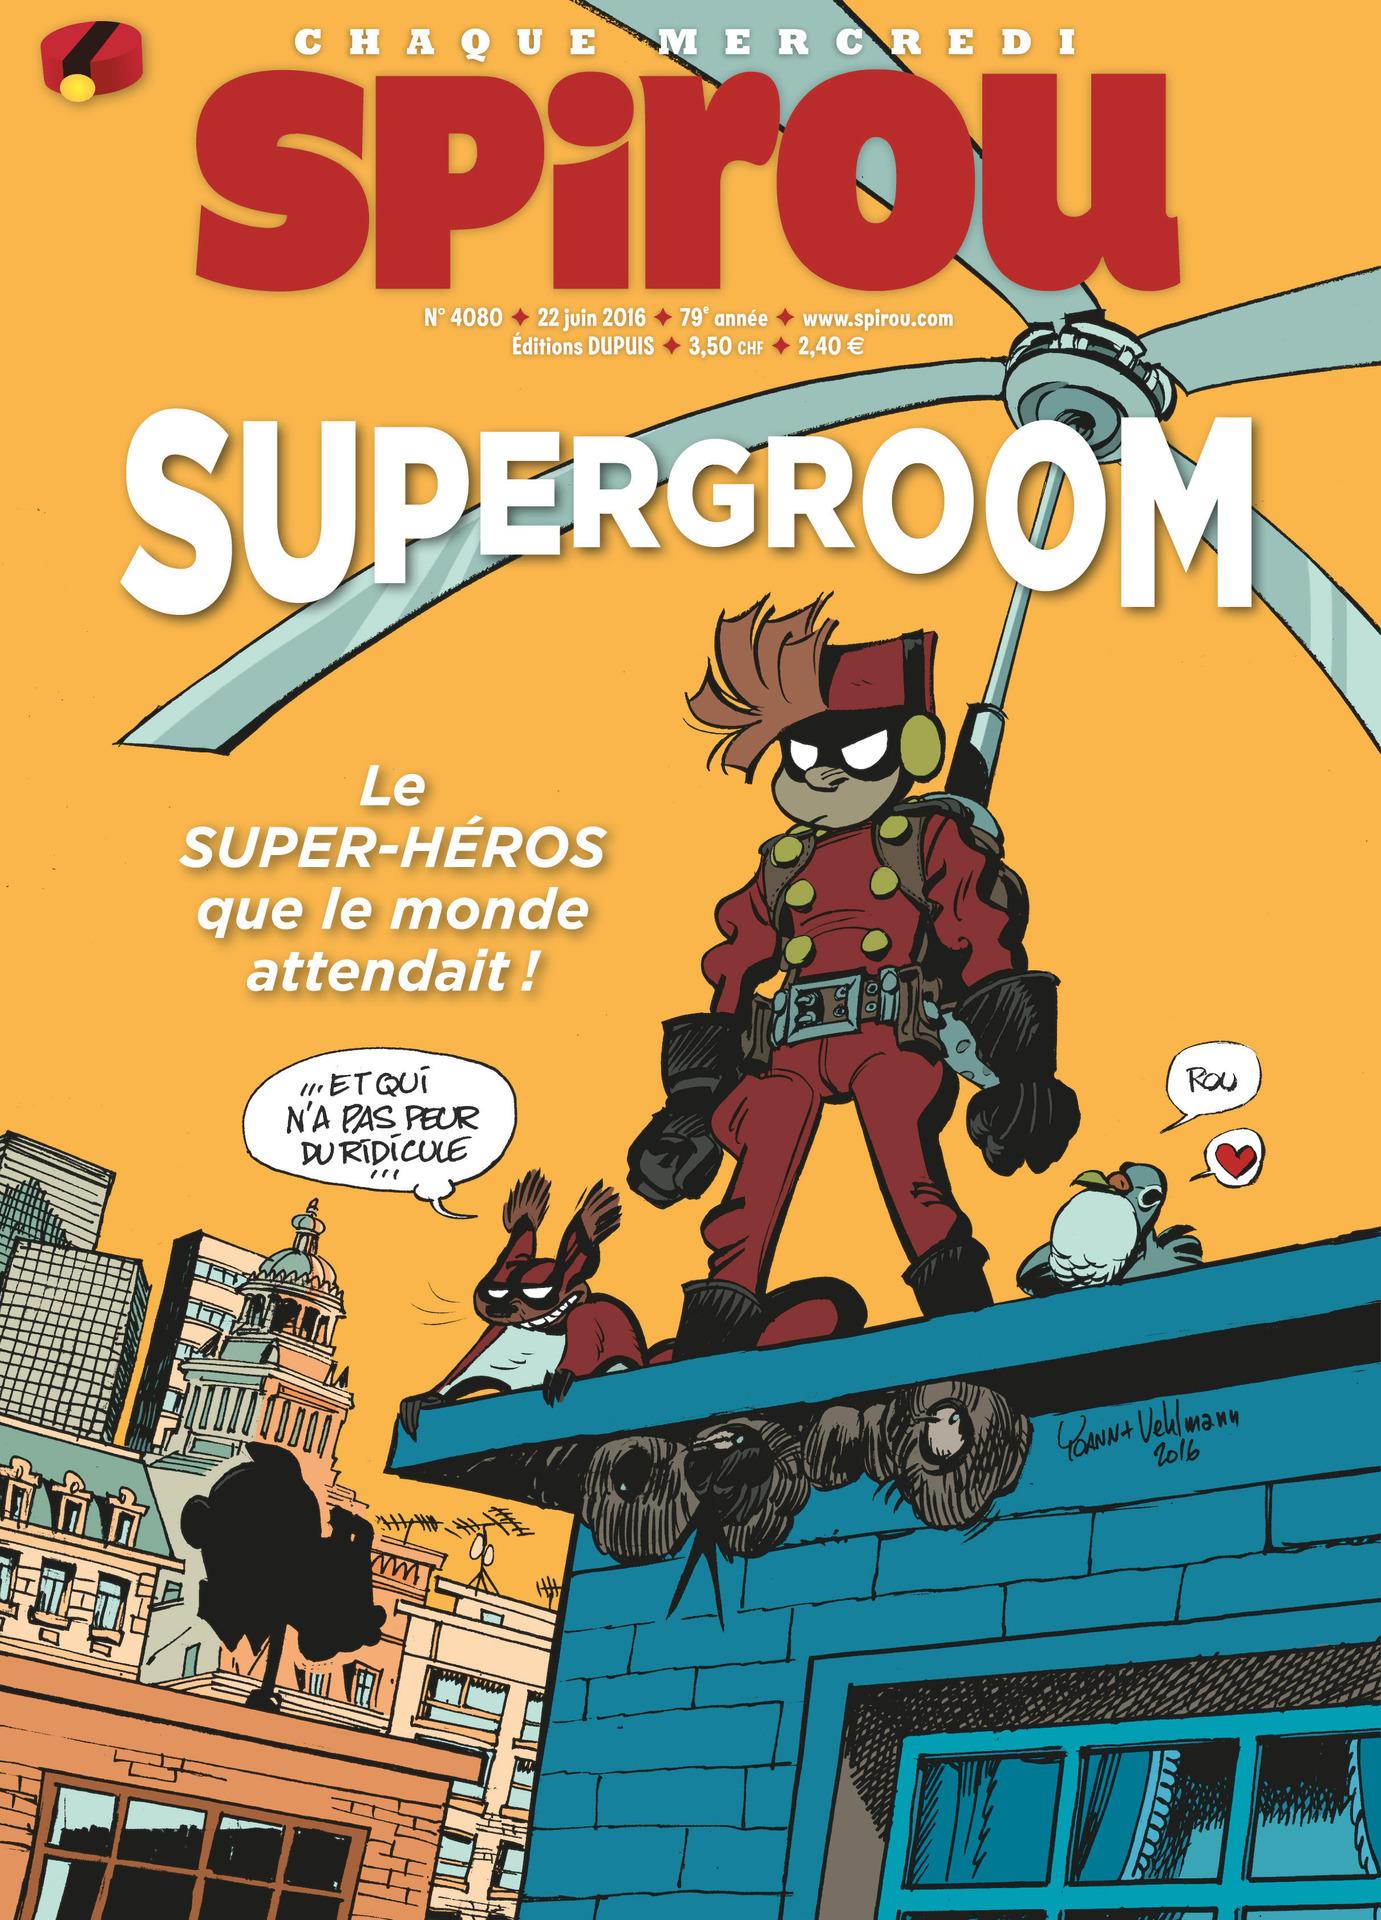 SuperGroom est à la une de Spirou n° 4080 (22 juin 2016)